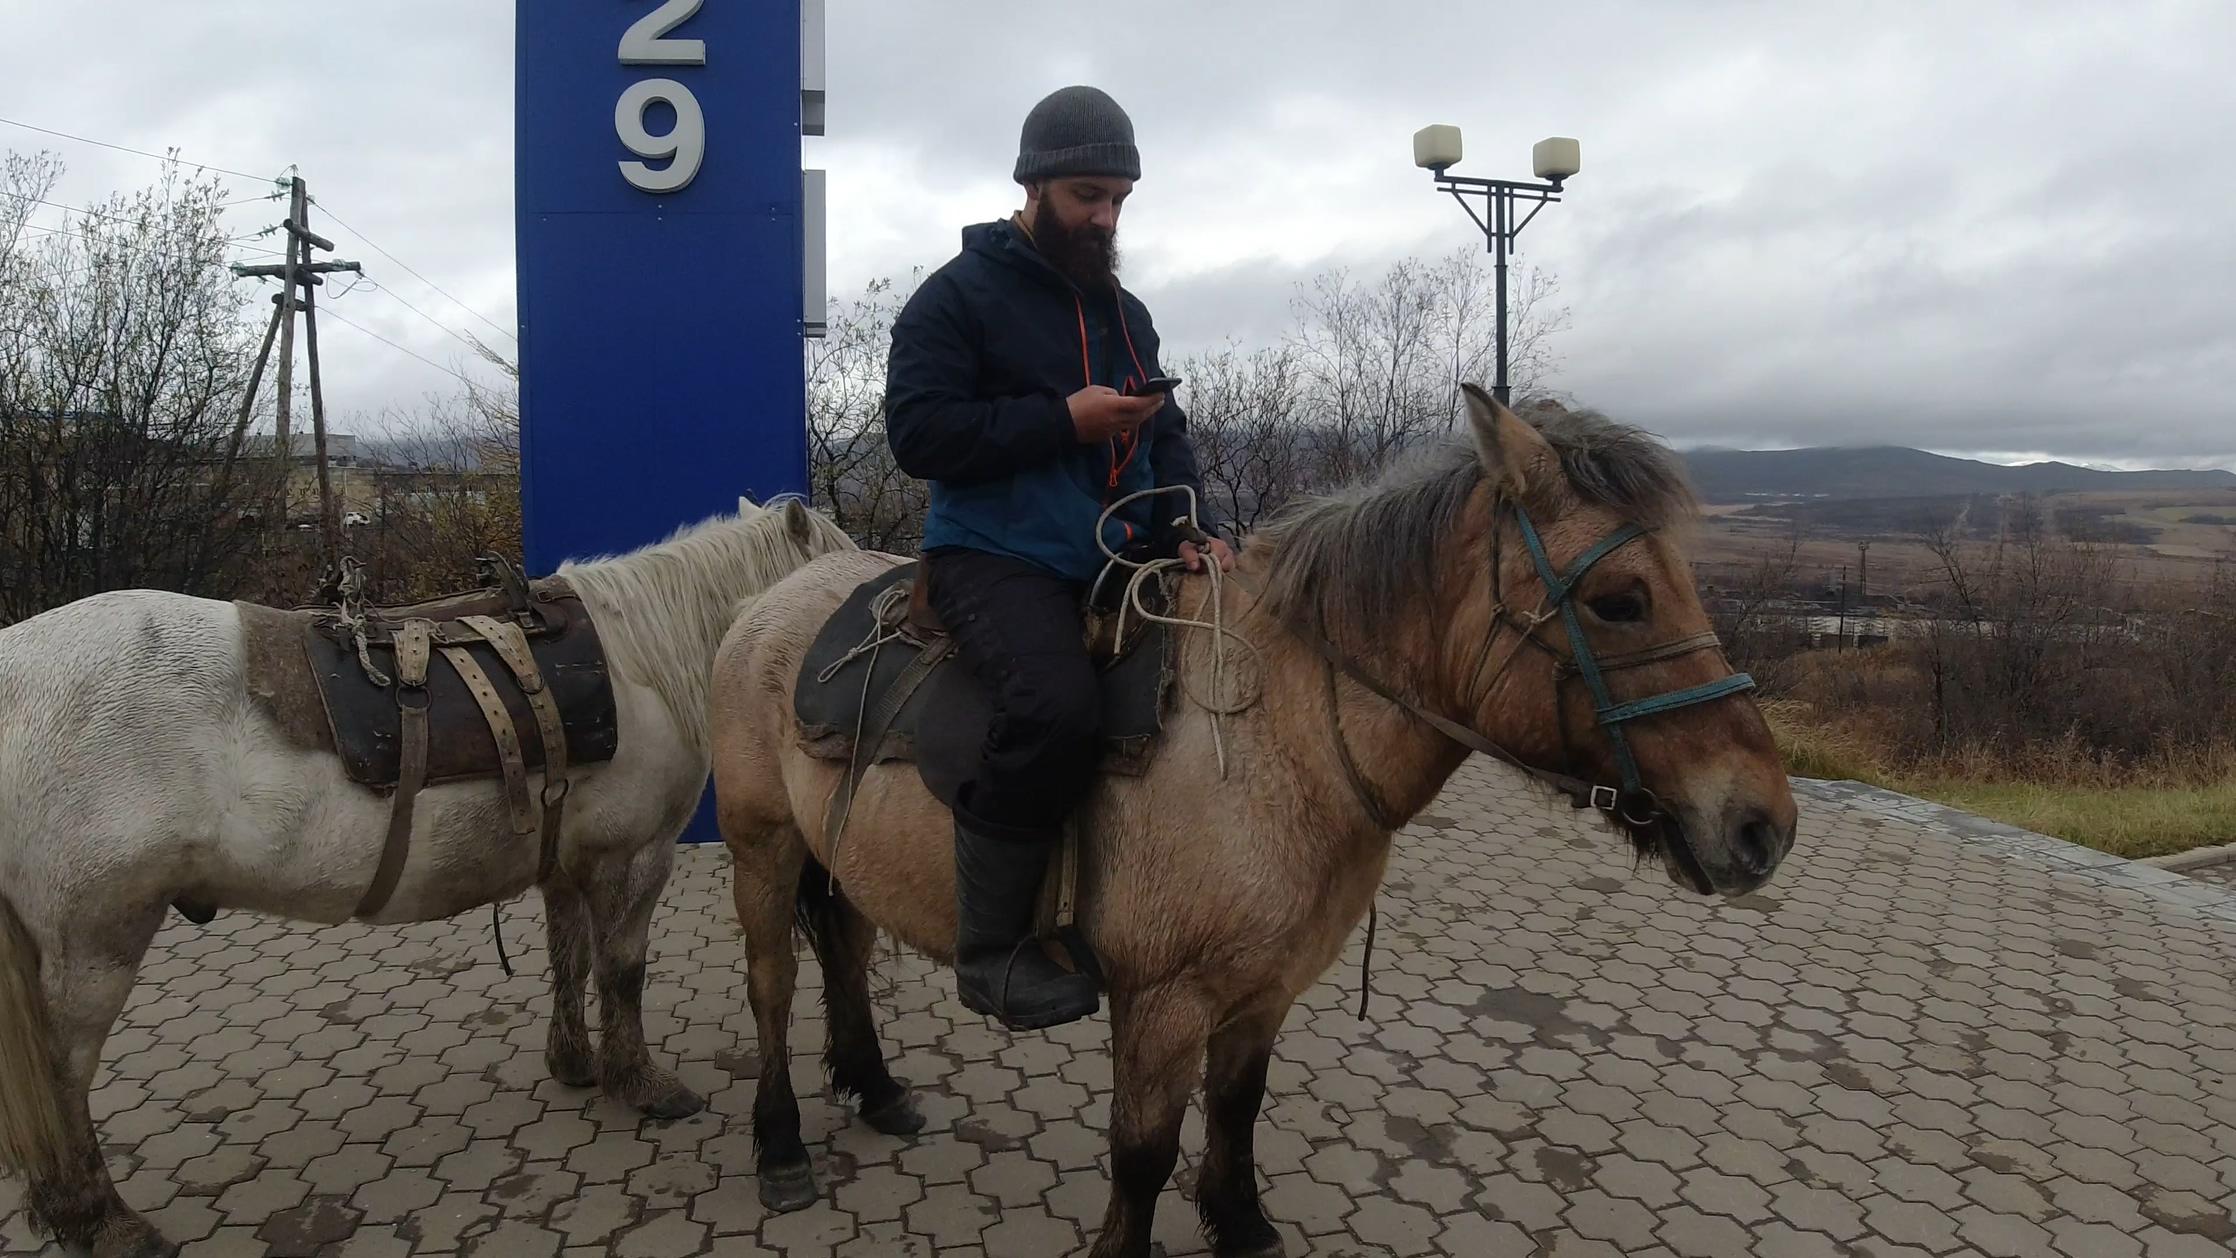 Никита Греци из Магадана отправился в путешествие на лошадях до Лондона (Видео, фото)